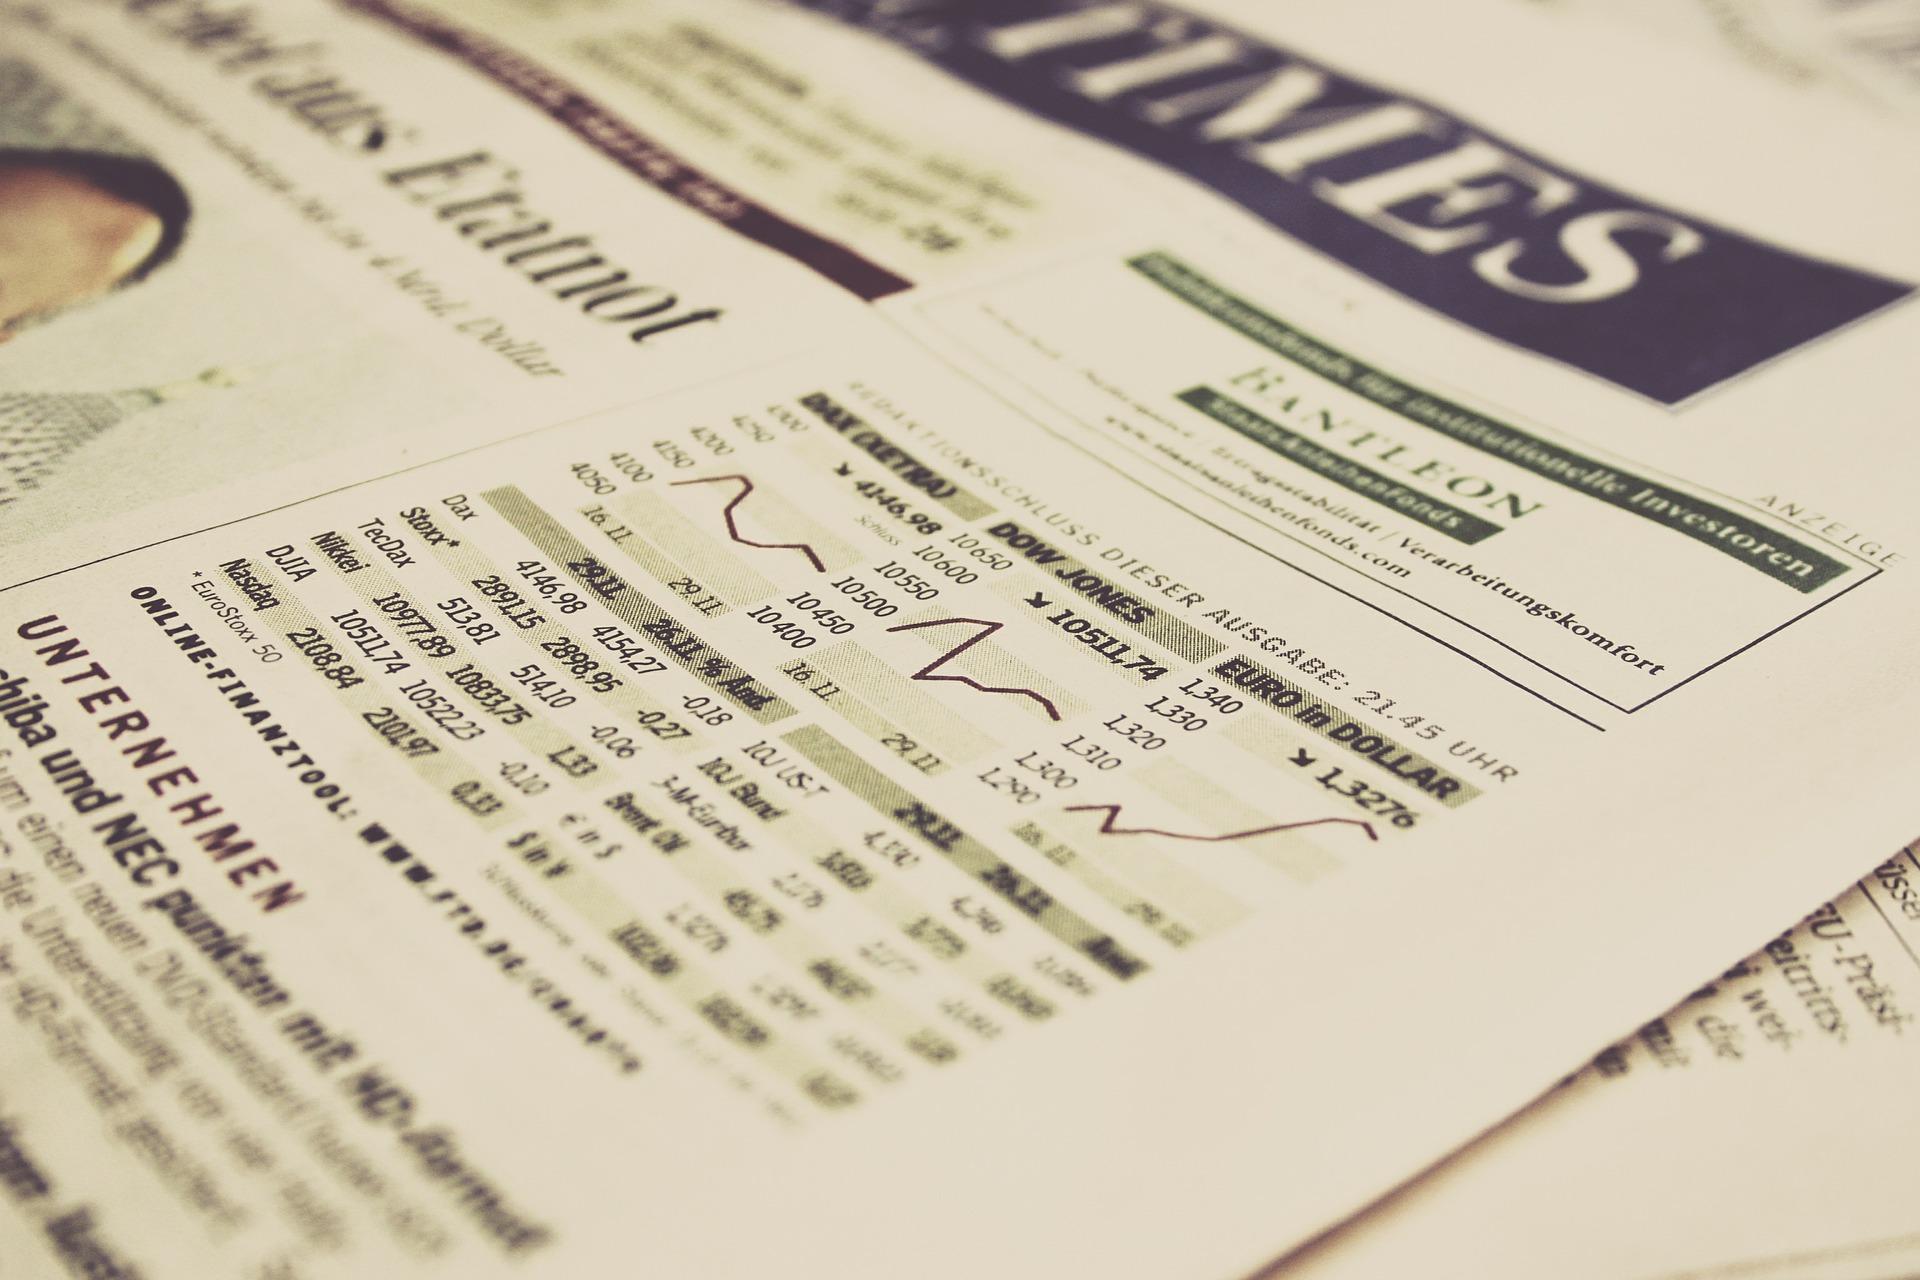 מדד המחירים לצרכן ביוון עלה